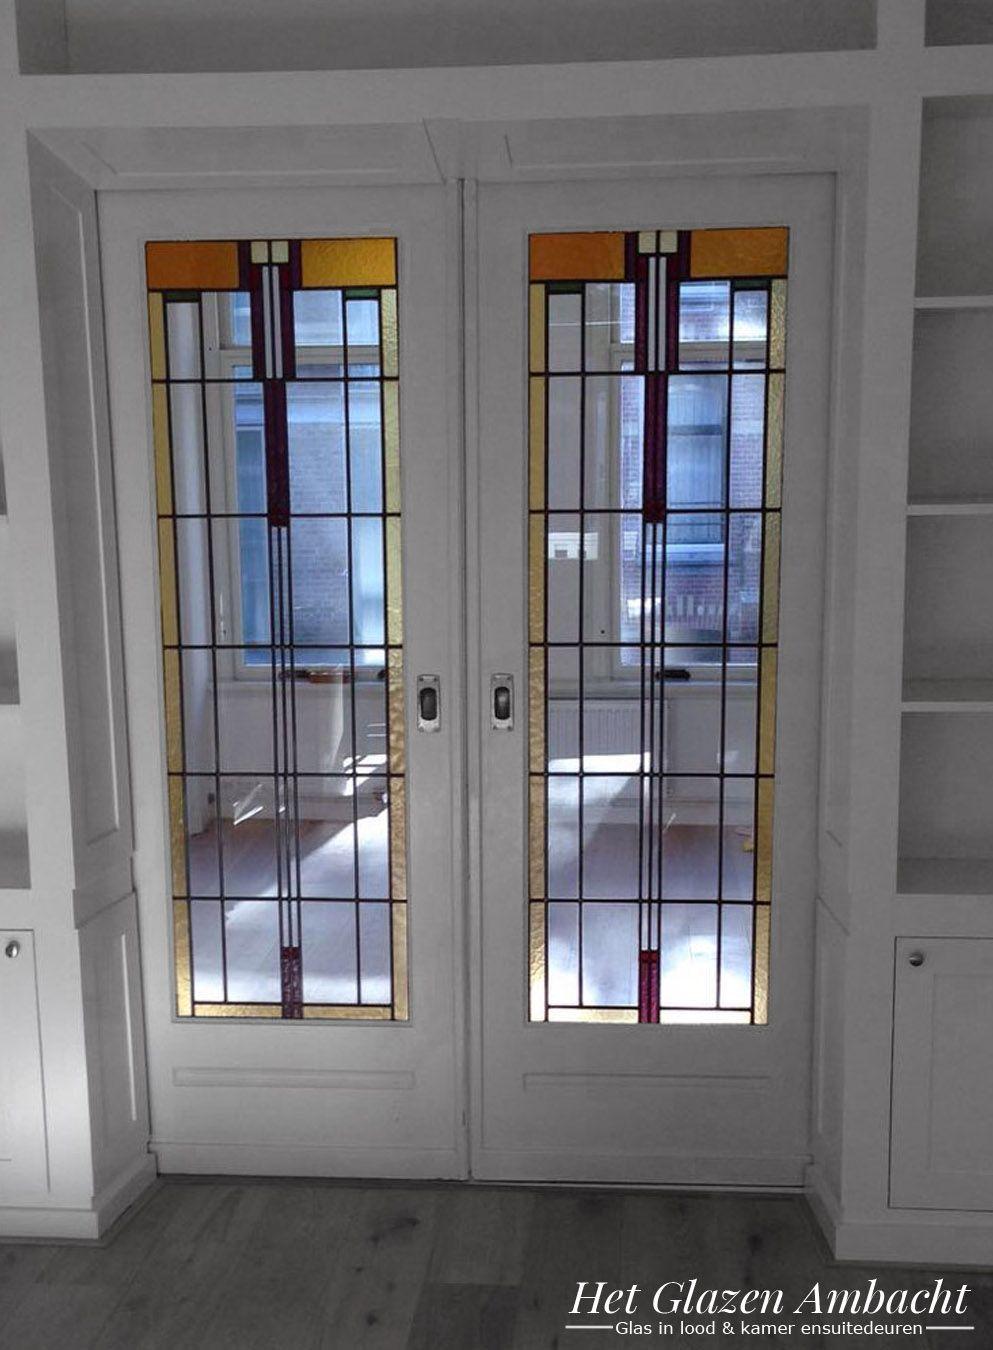 Schuifdeuren In Glas.Ensuite Schuifdeuren Met Glas In Lood Art Deco Glas In Lood